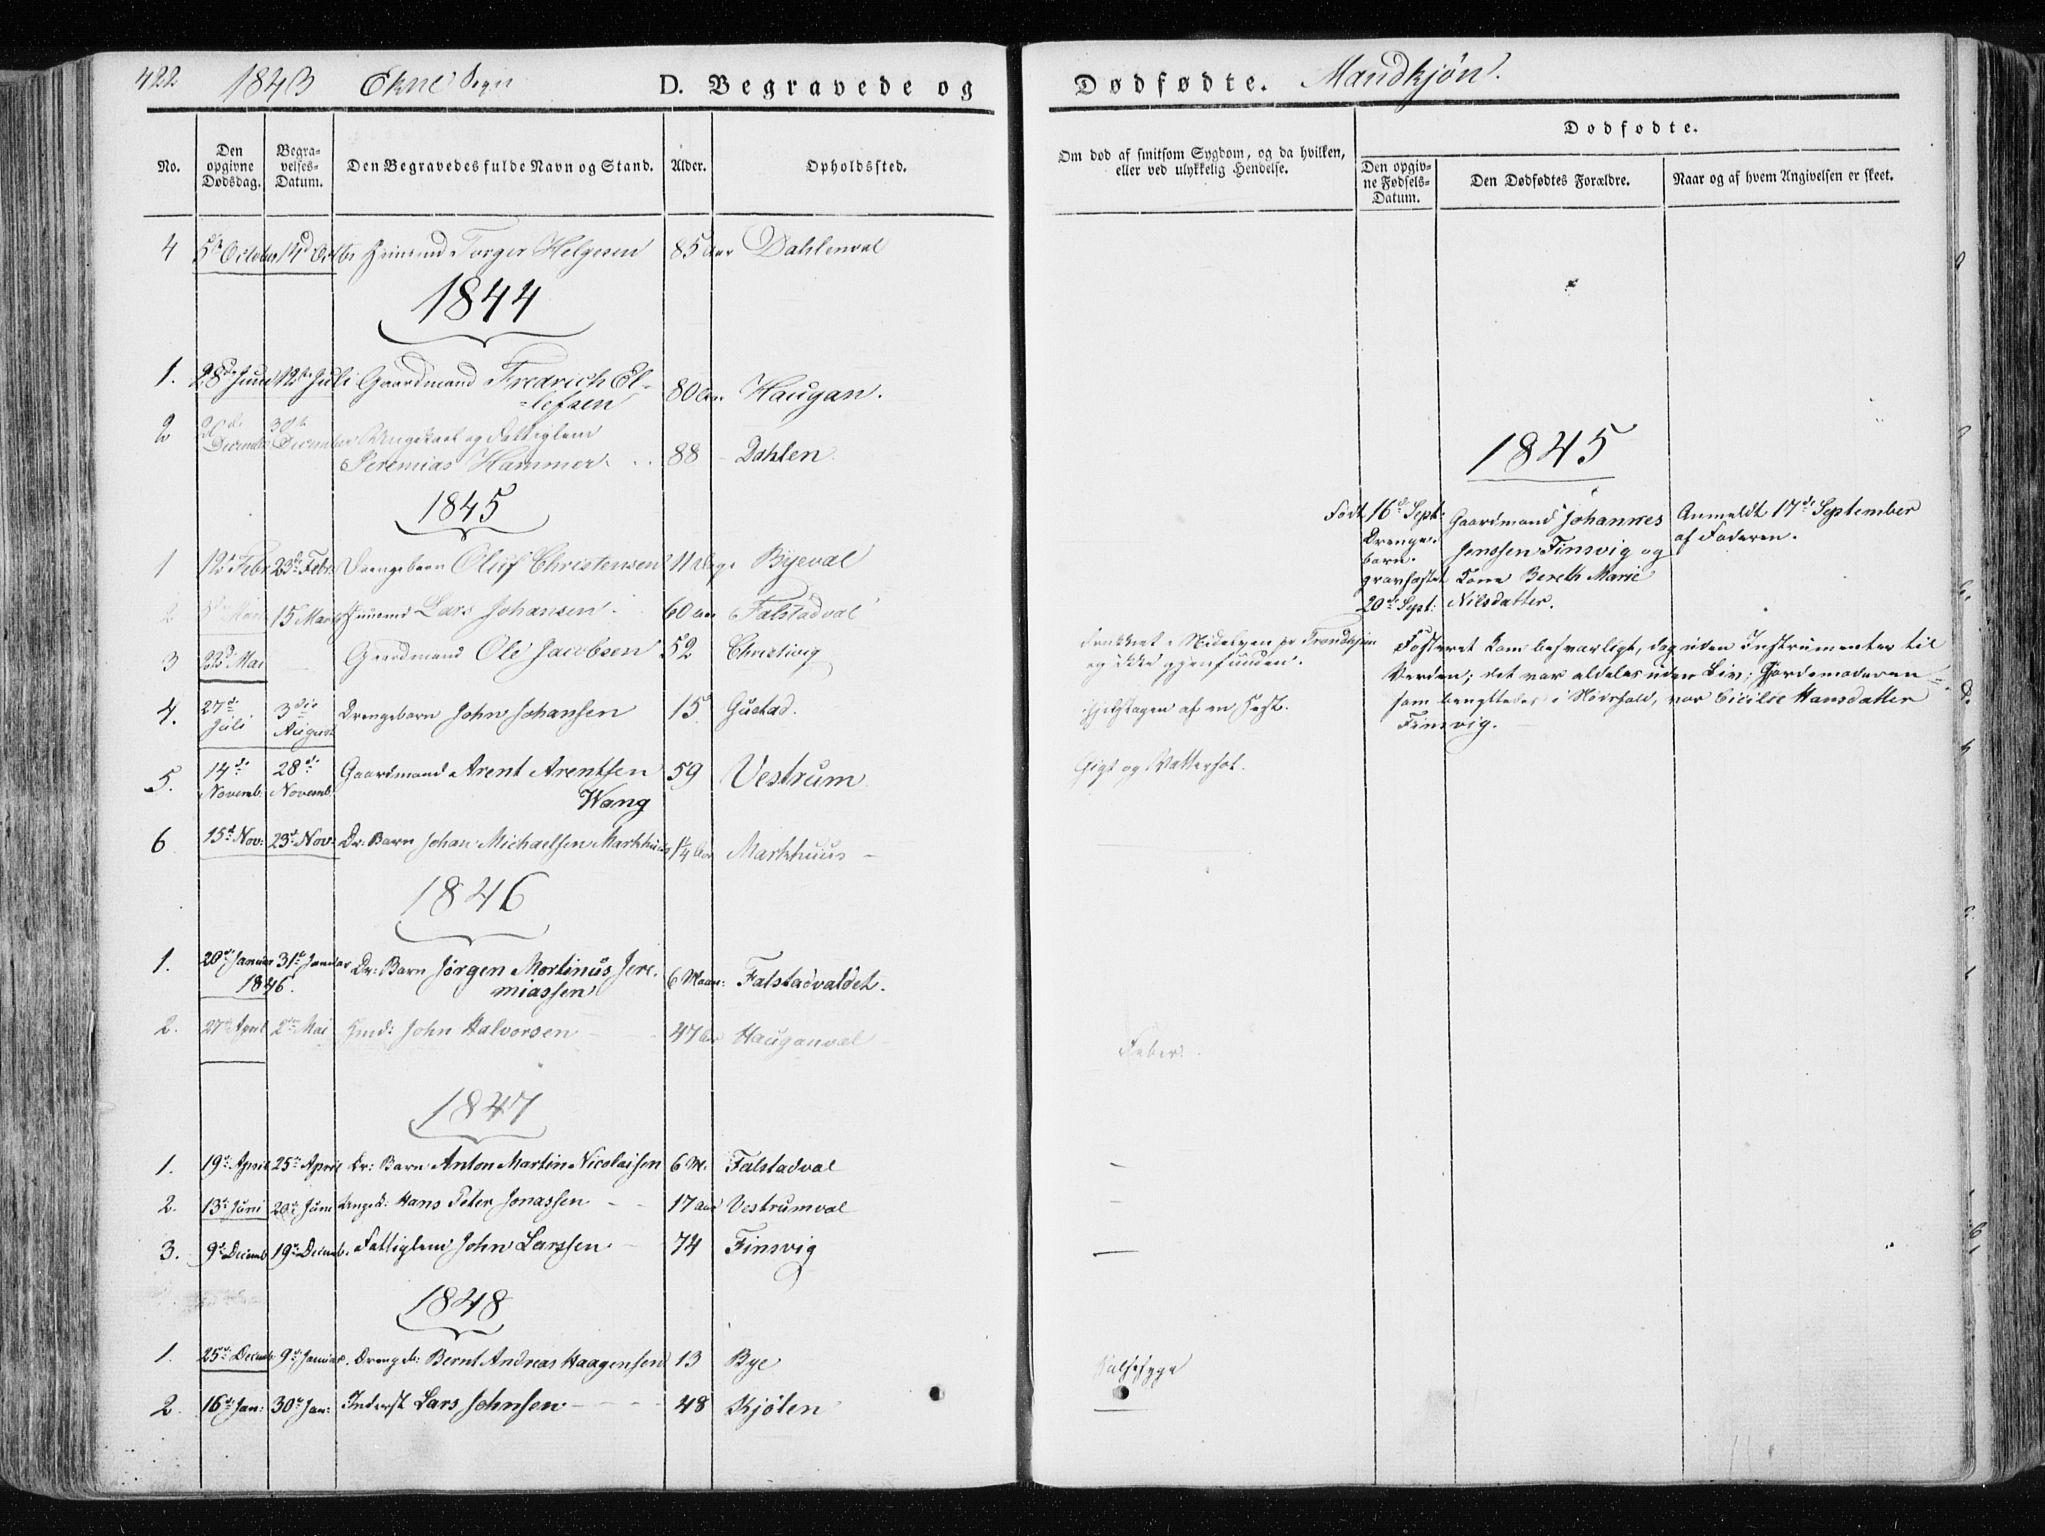 SAT, Ministerialprotokoller, klokkerbøker og fødselsregistre - Nord-Trøndelag, 717/L0154: Ministerialbok nr. 717A06 /2, 1836-1849, s. 422